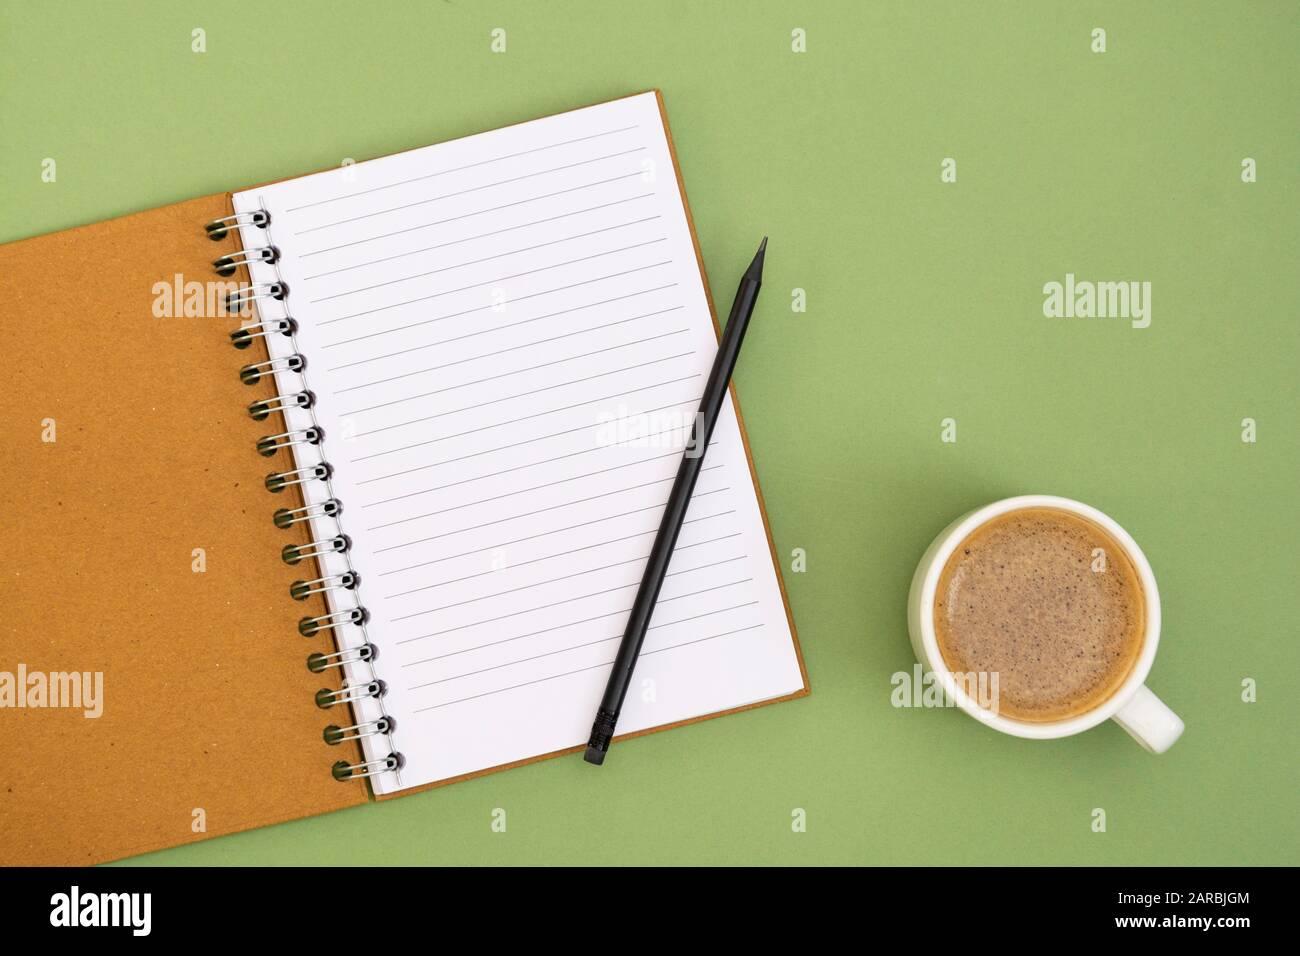 Öffnen Sie das Notebook mit leerer Seite und Kaffeetasse. Tischplatte, Arbeitsbereich auf grünem Hintergrund. Minimalistischer flacher Lay. Stockfoto